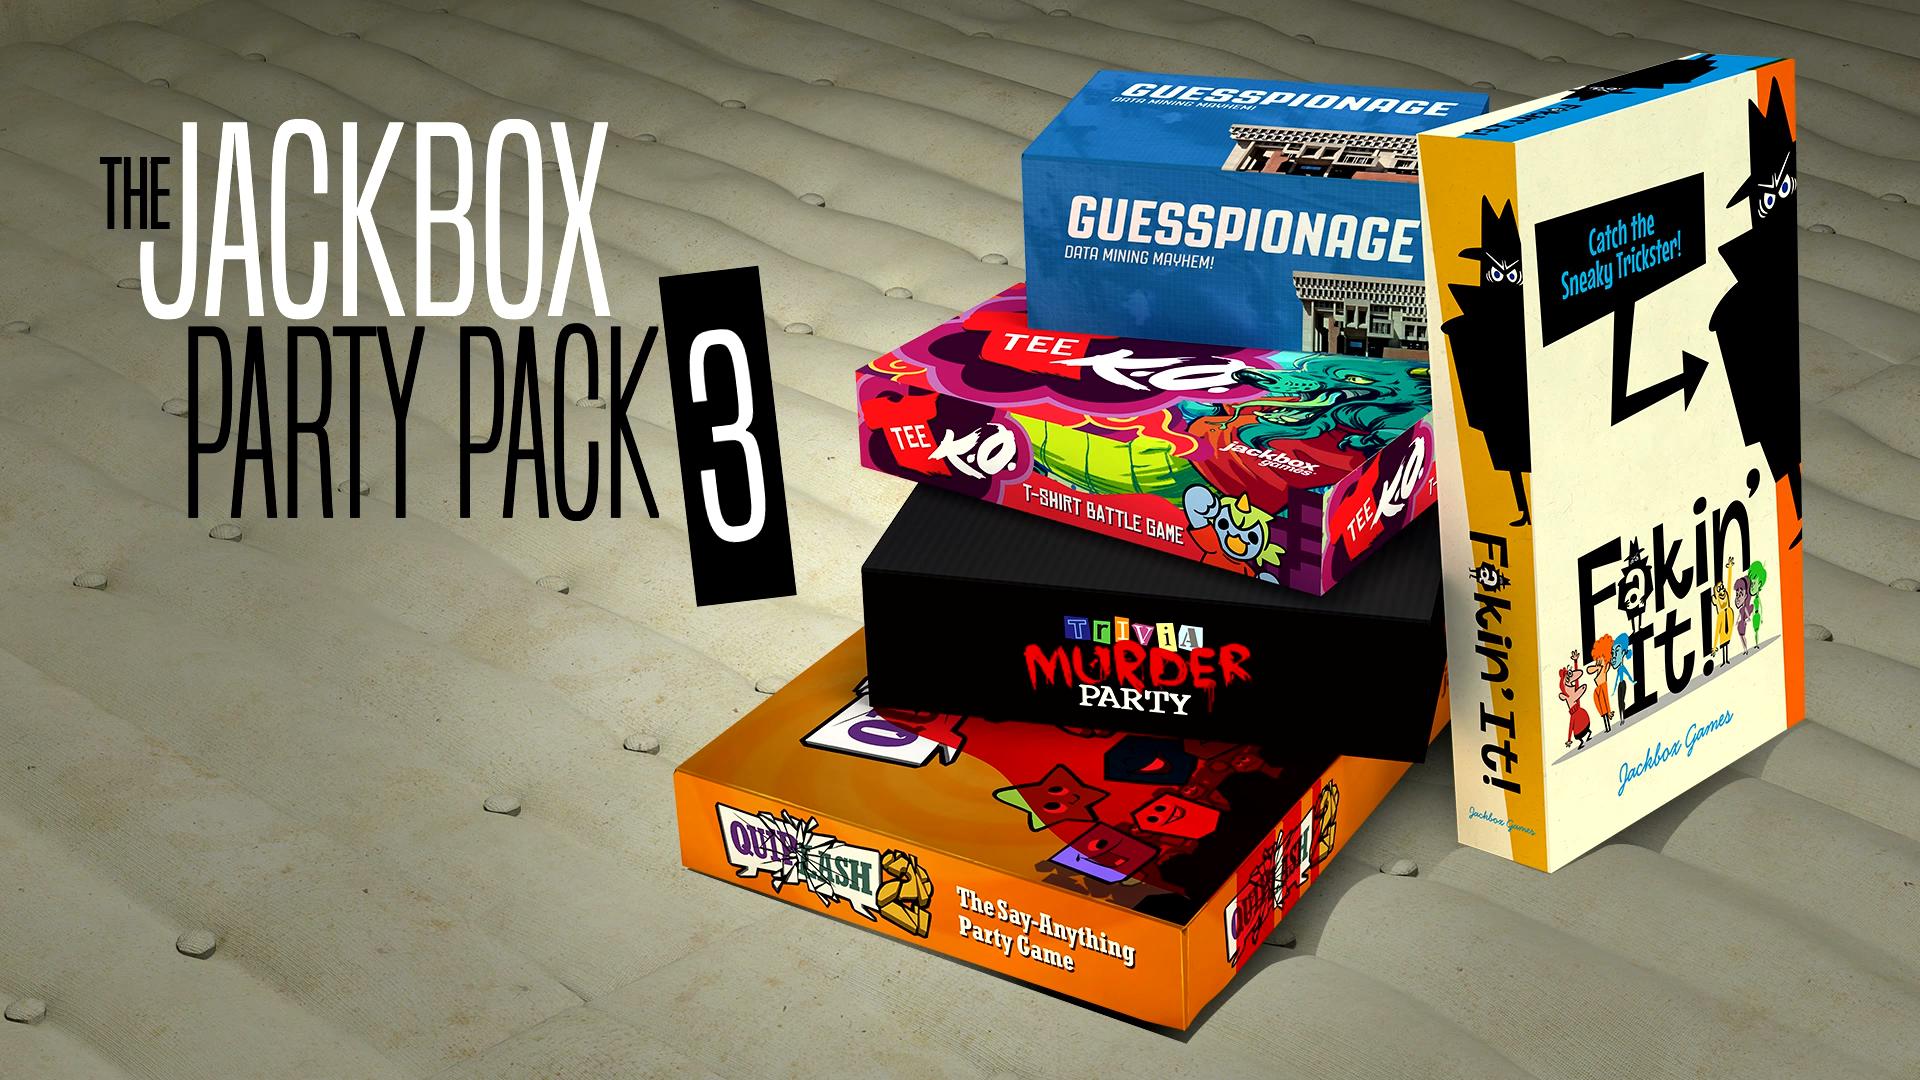 Jackbox Party Pack 3, Jackbox Games, Inc.